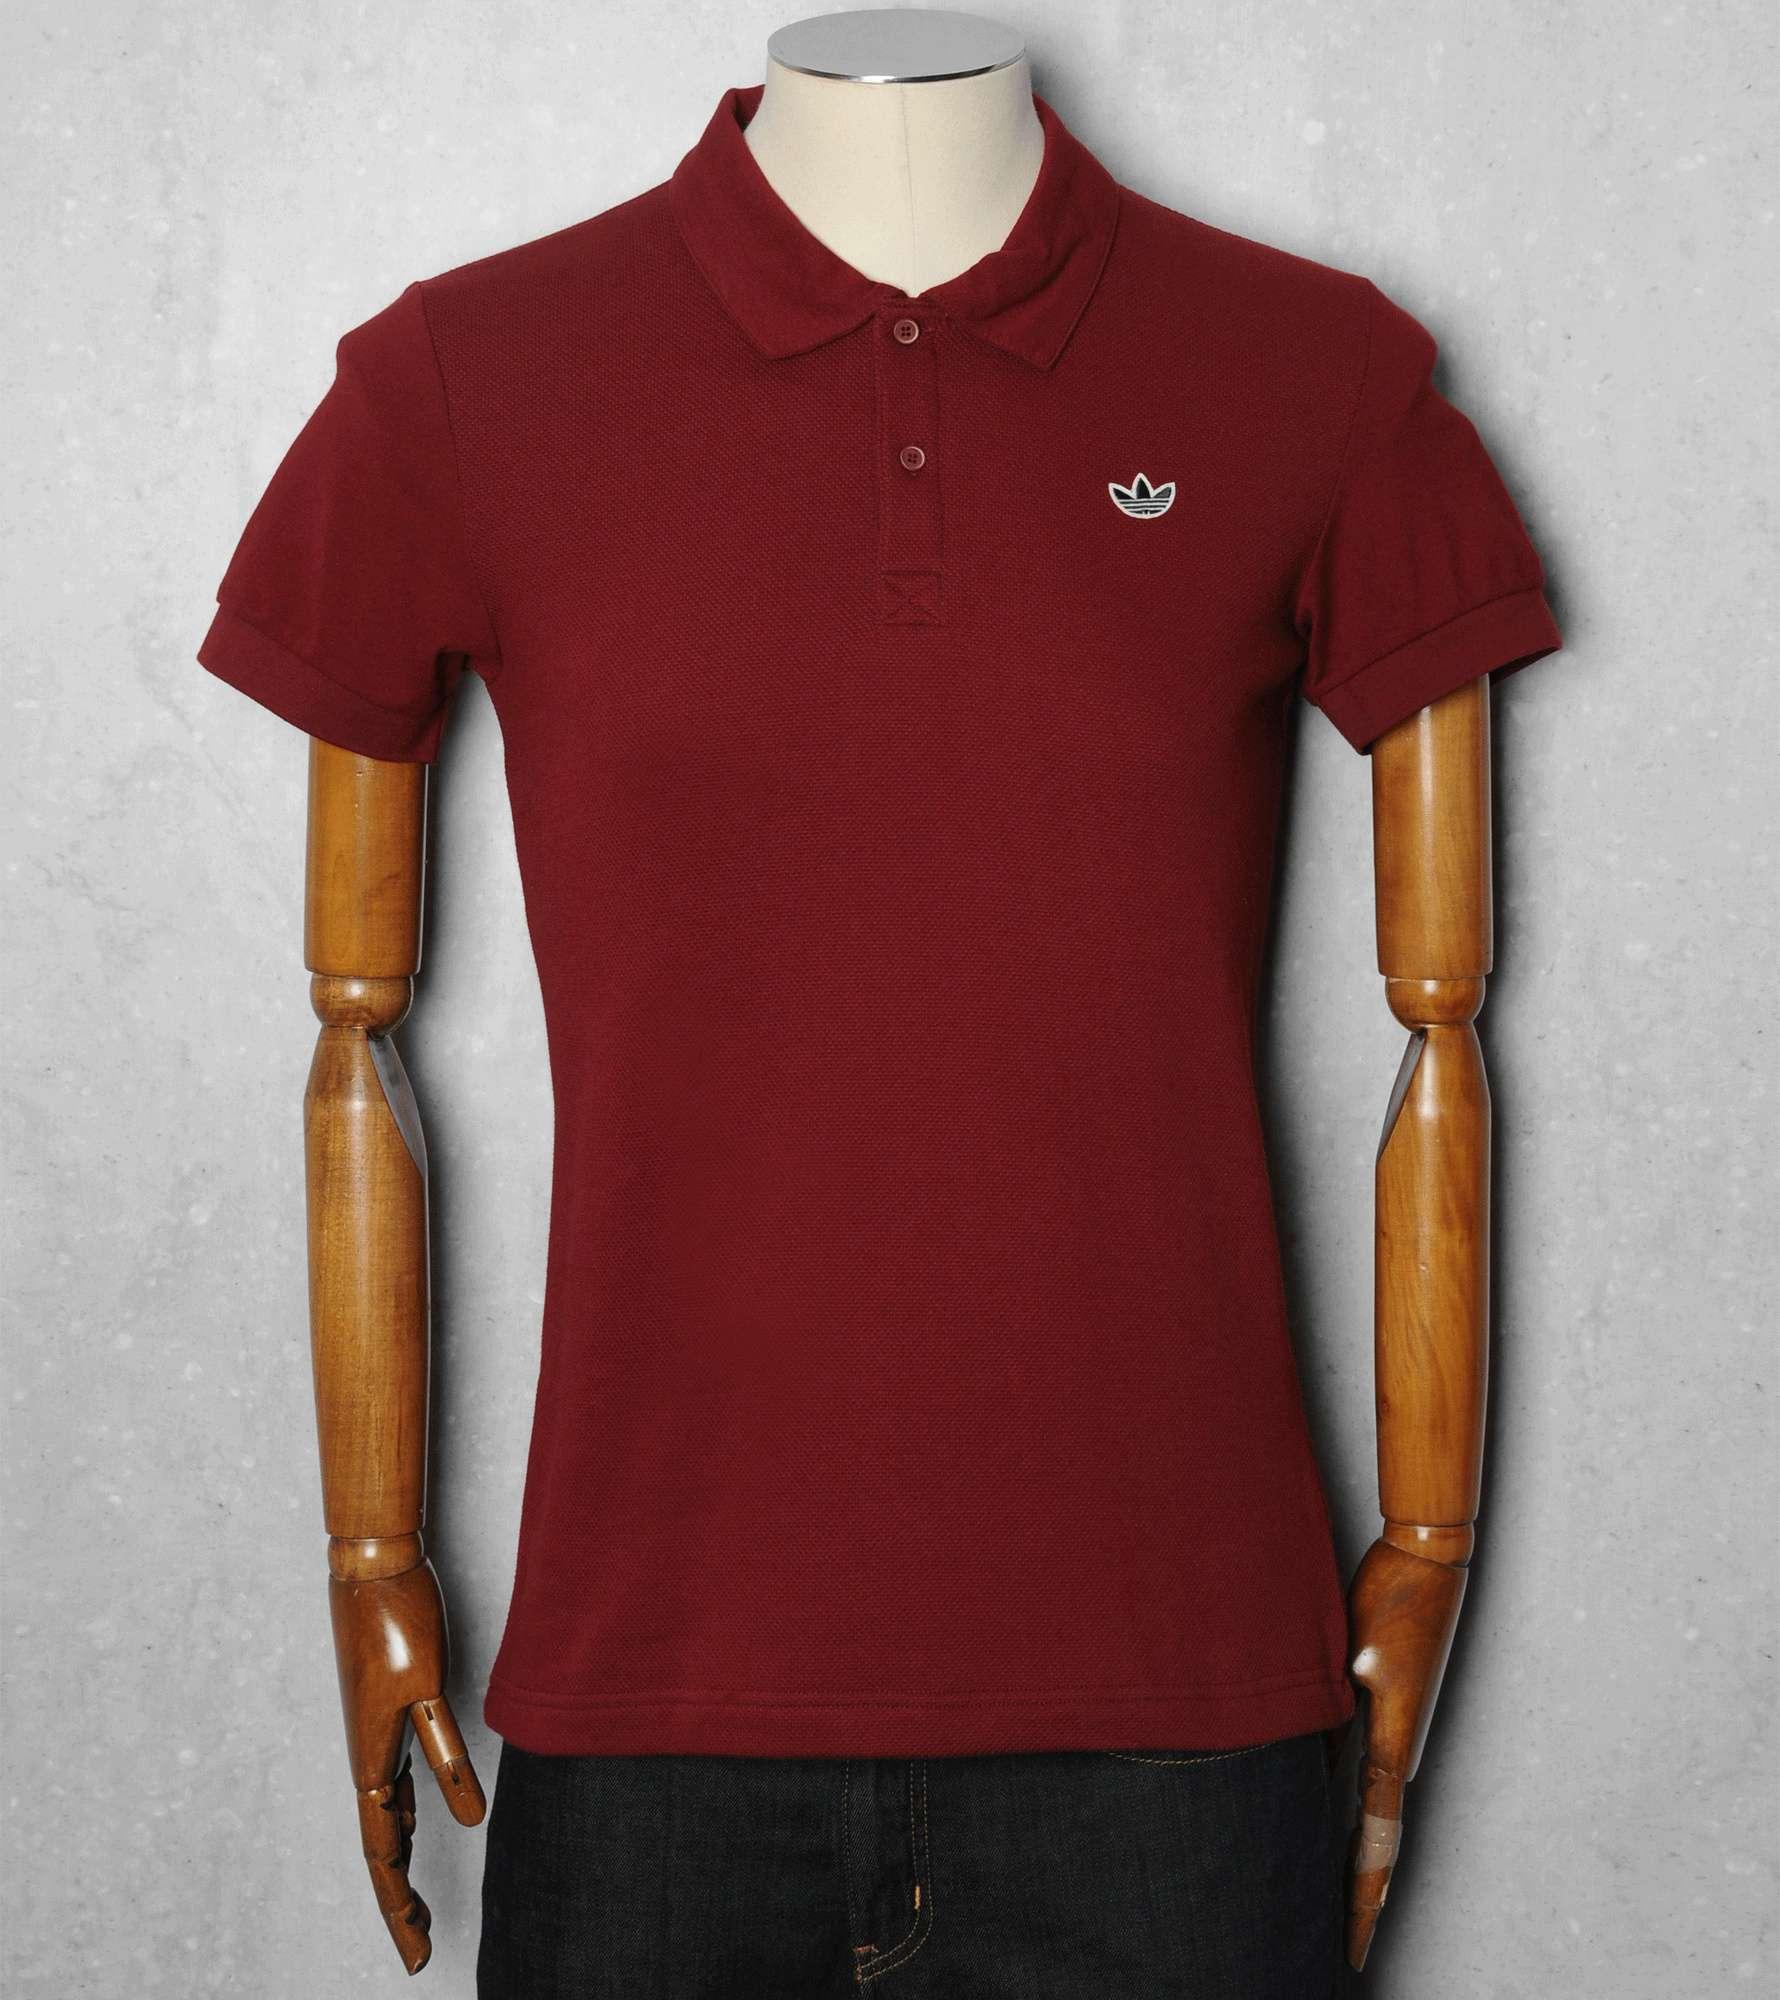 Adidas Originals Trefoil Pique Polo Shirt Scotts Menswear